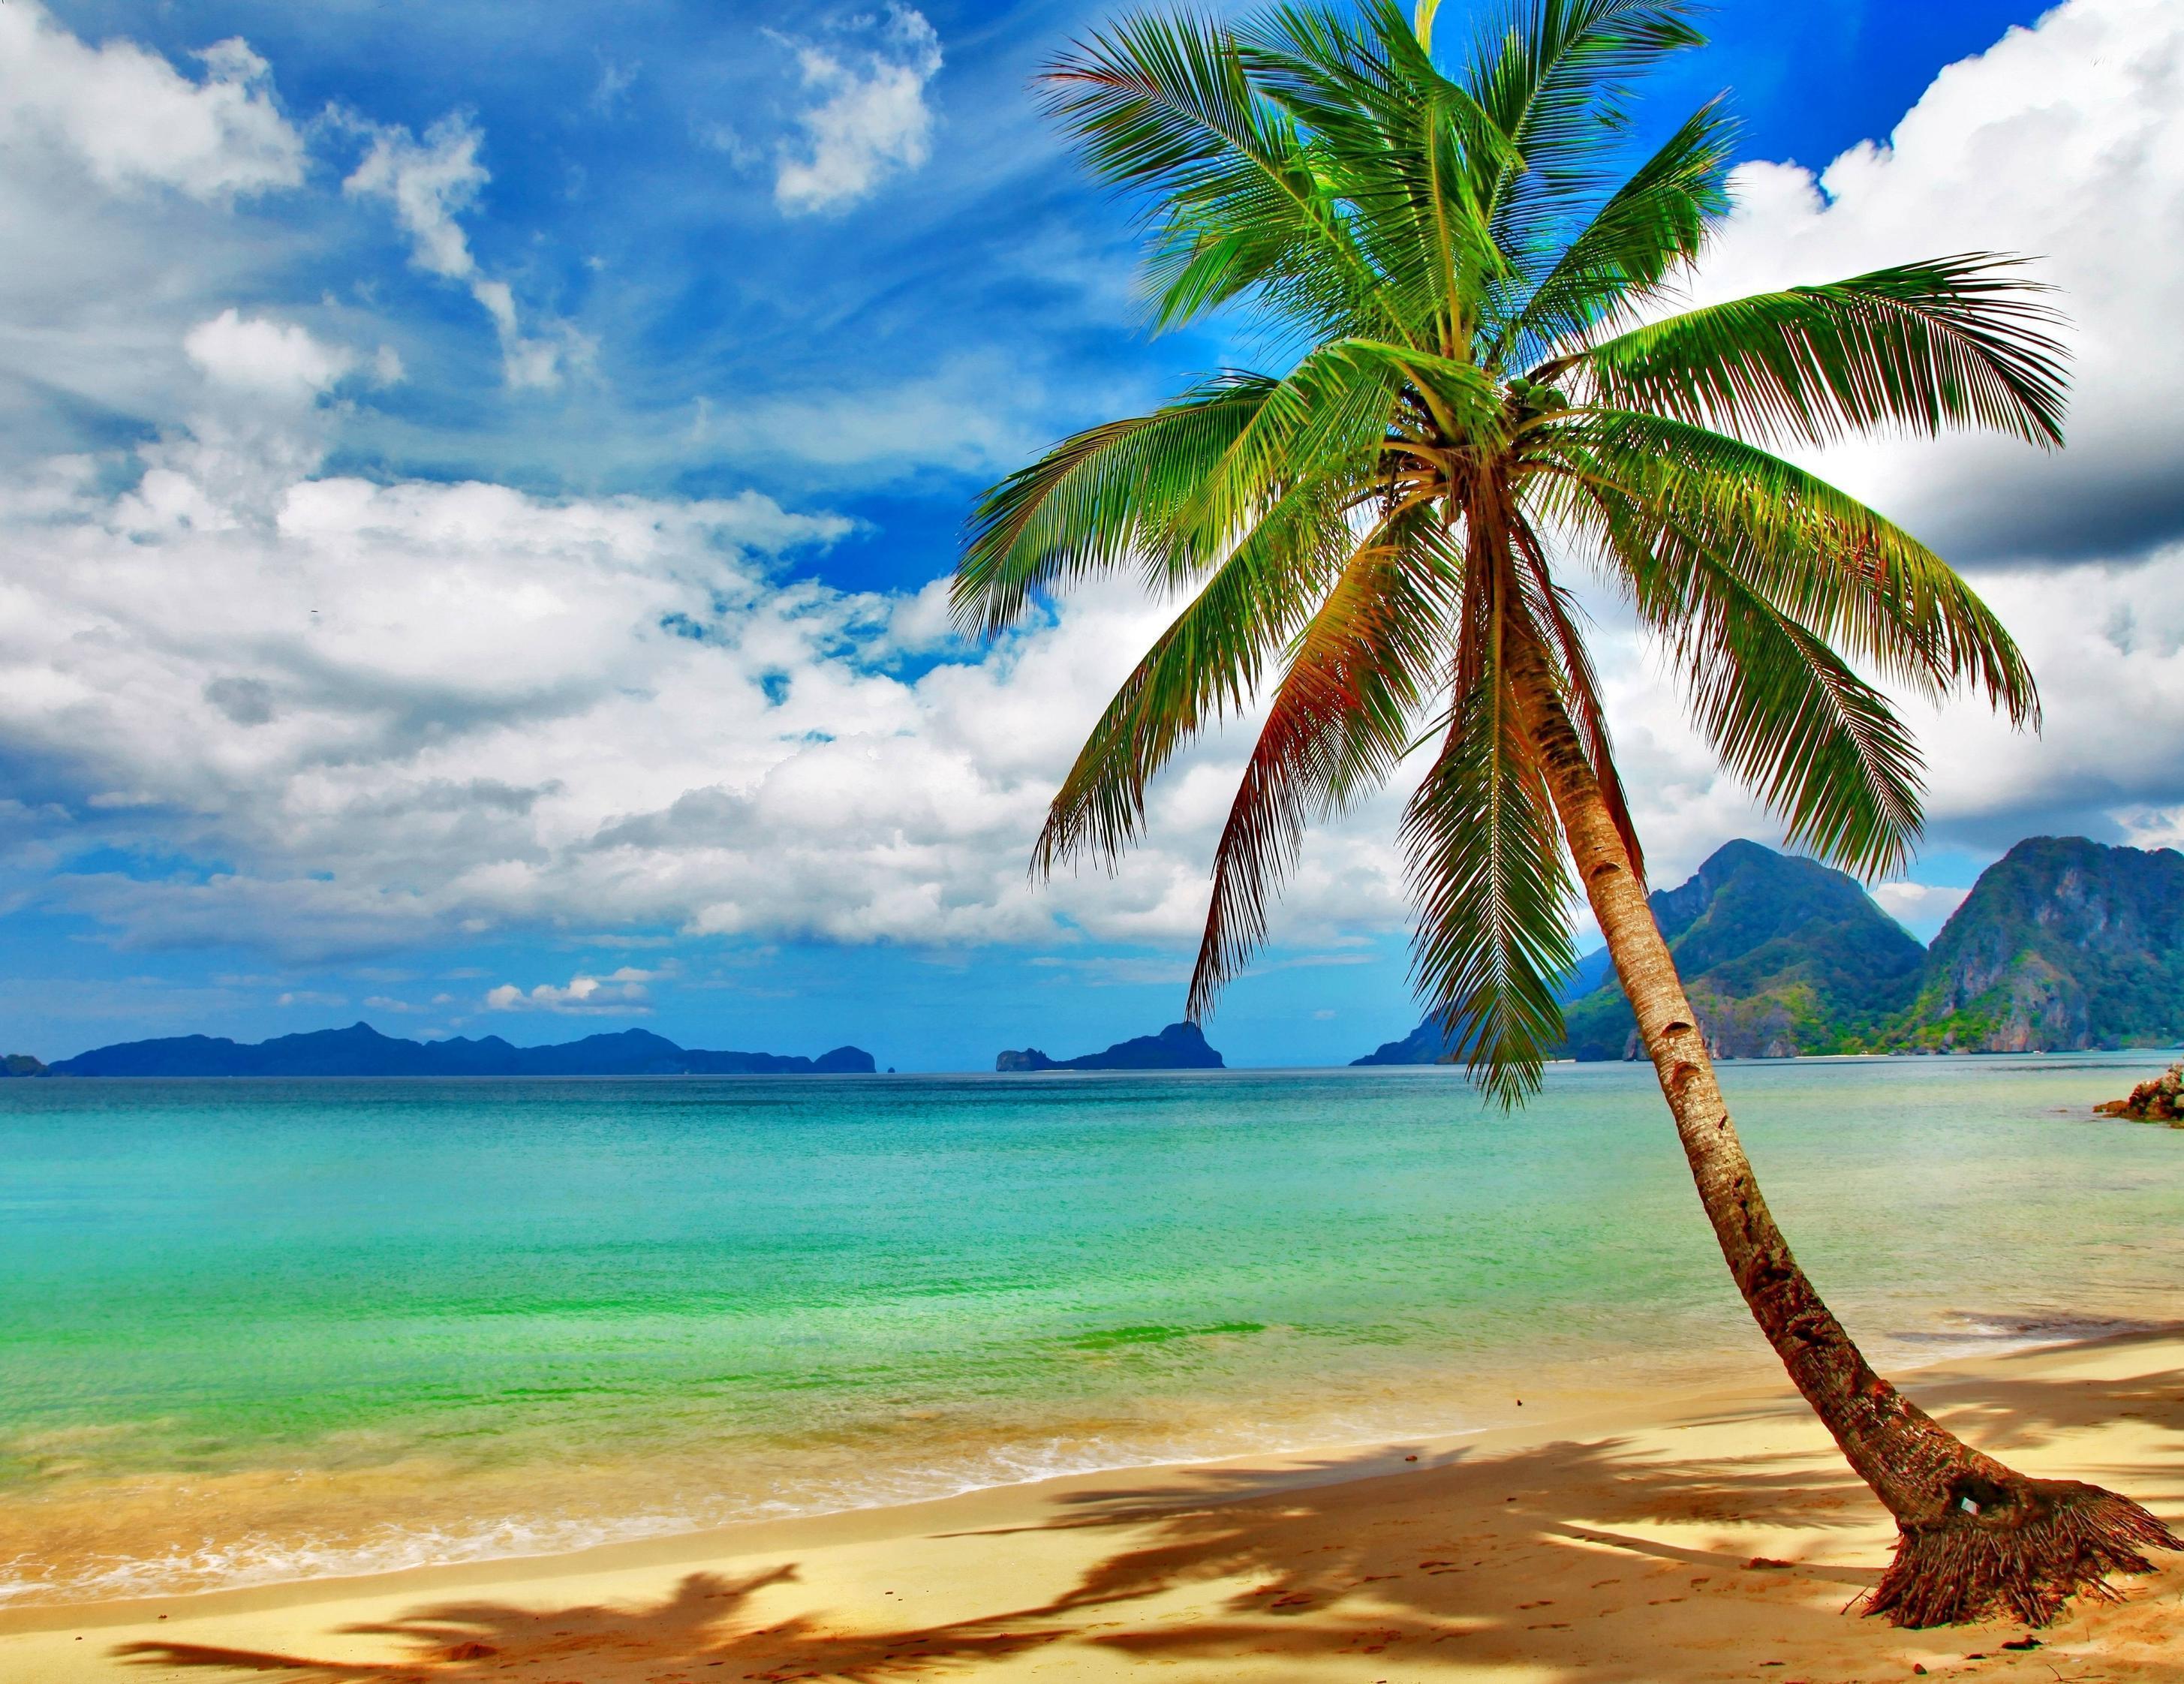 Tropical Beach Desktop Backgrounds